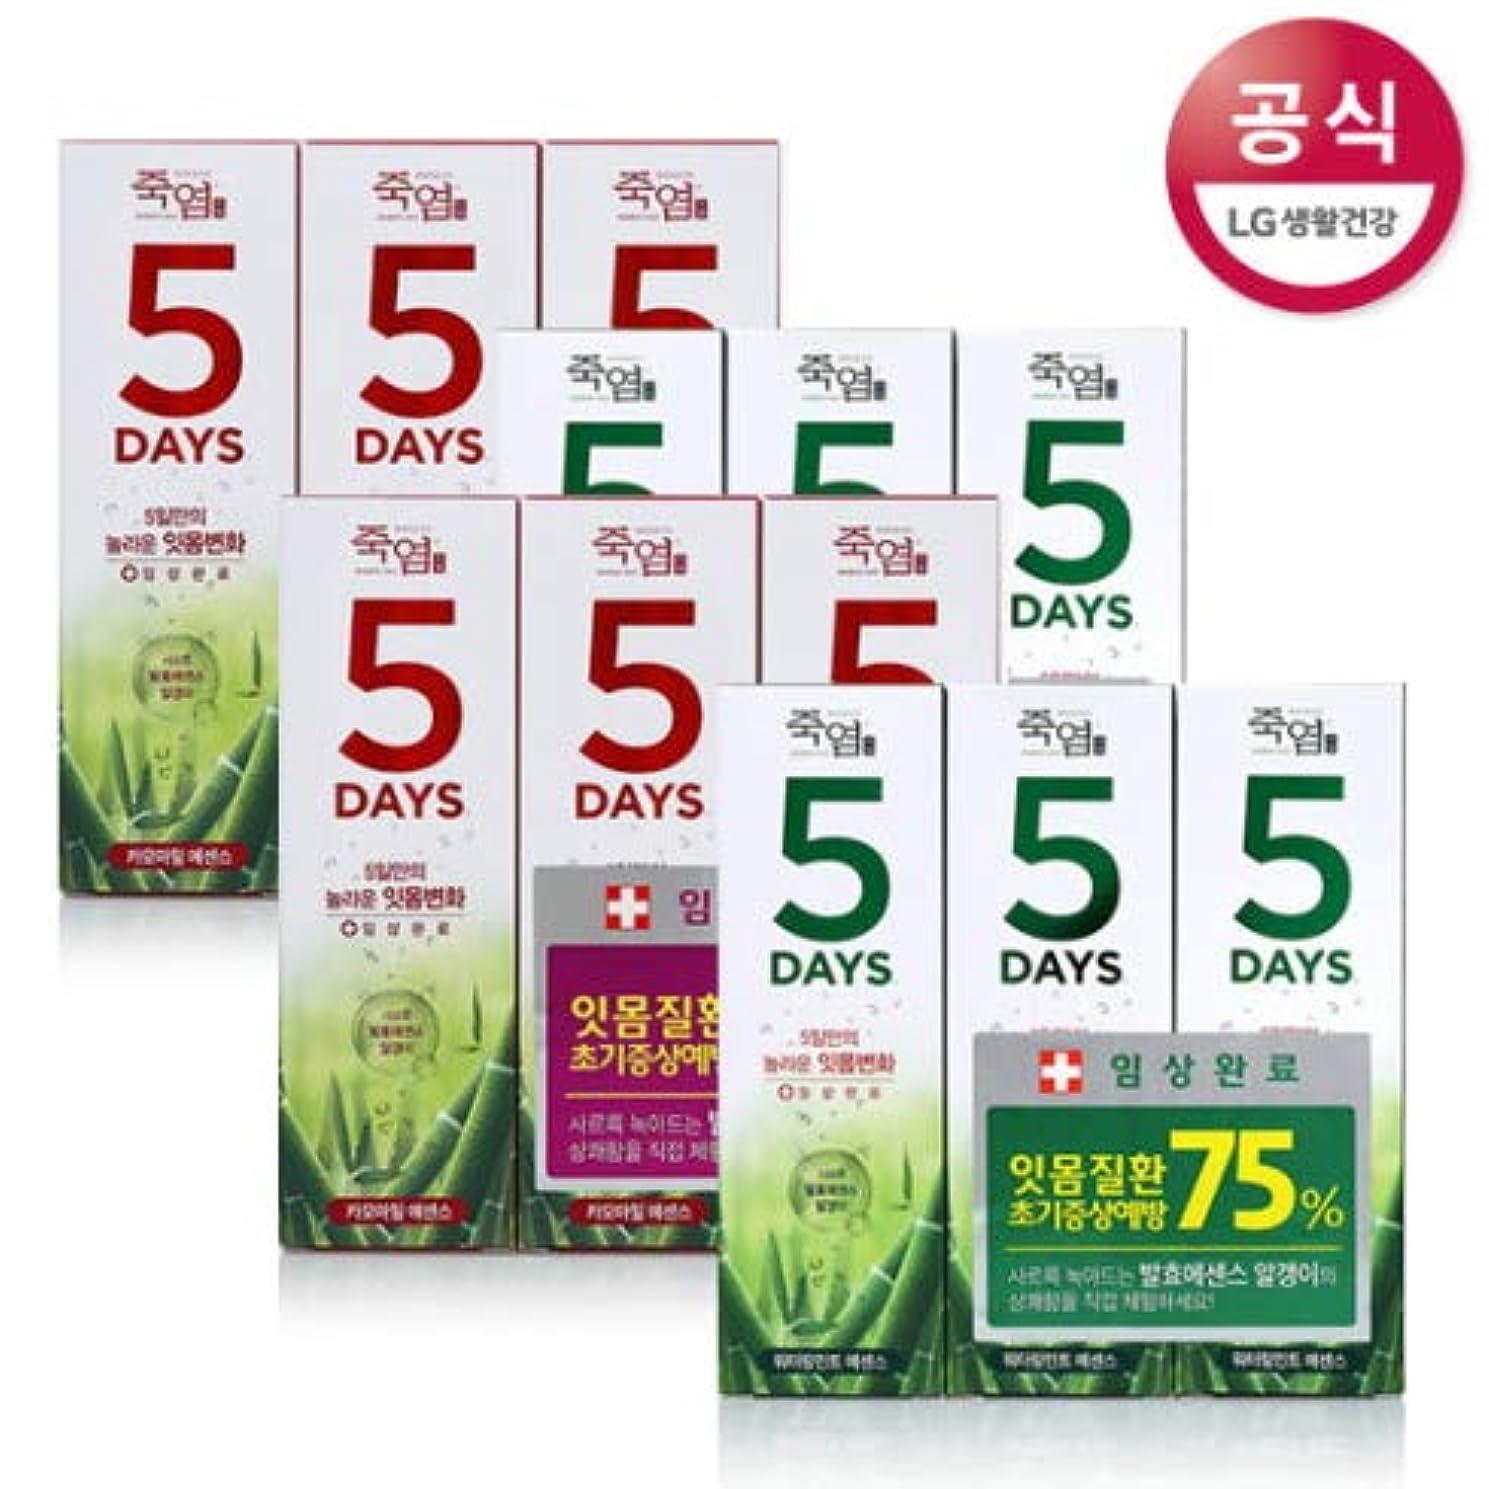 不正クライマックスみすぼらしい[LG HnB] Bamboo Salt 5days Toothpaste /竹塩5days歯磨き粉 100gx12個(海外直送品)